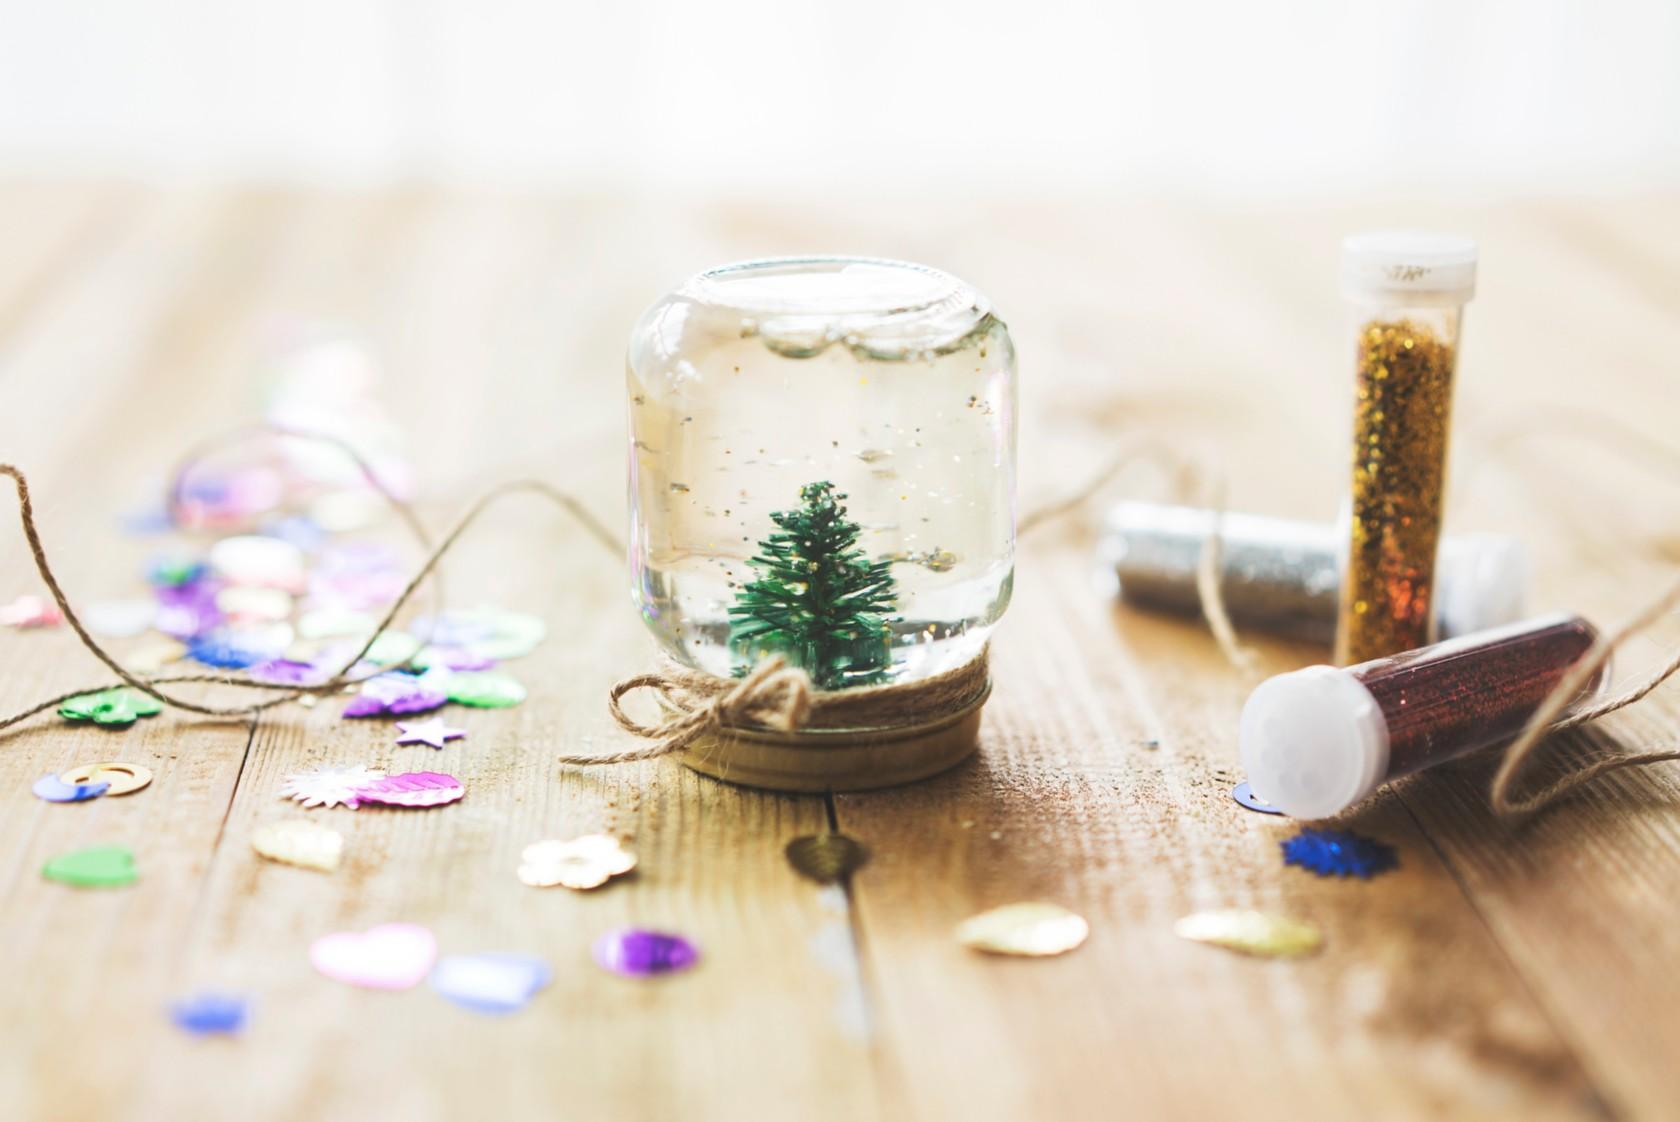 Weihnachtsdeko selbst basteln, kleiner Tannenbaum in einem Glas